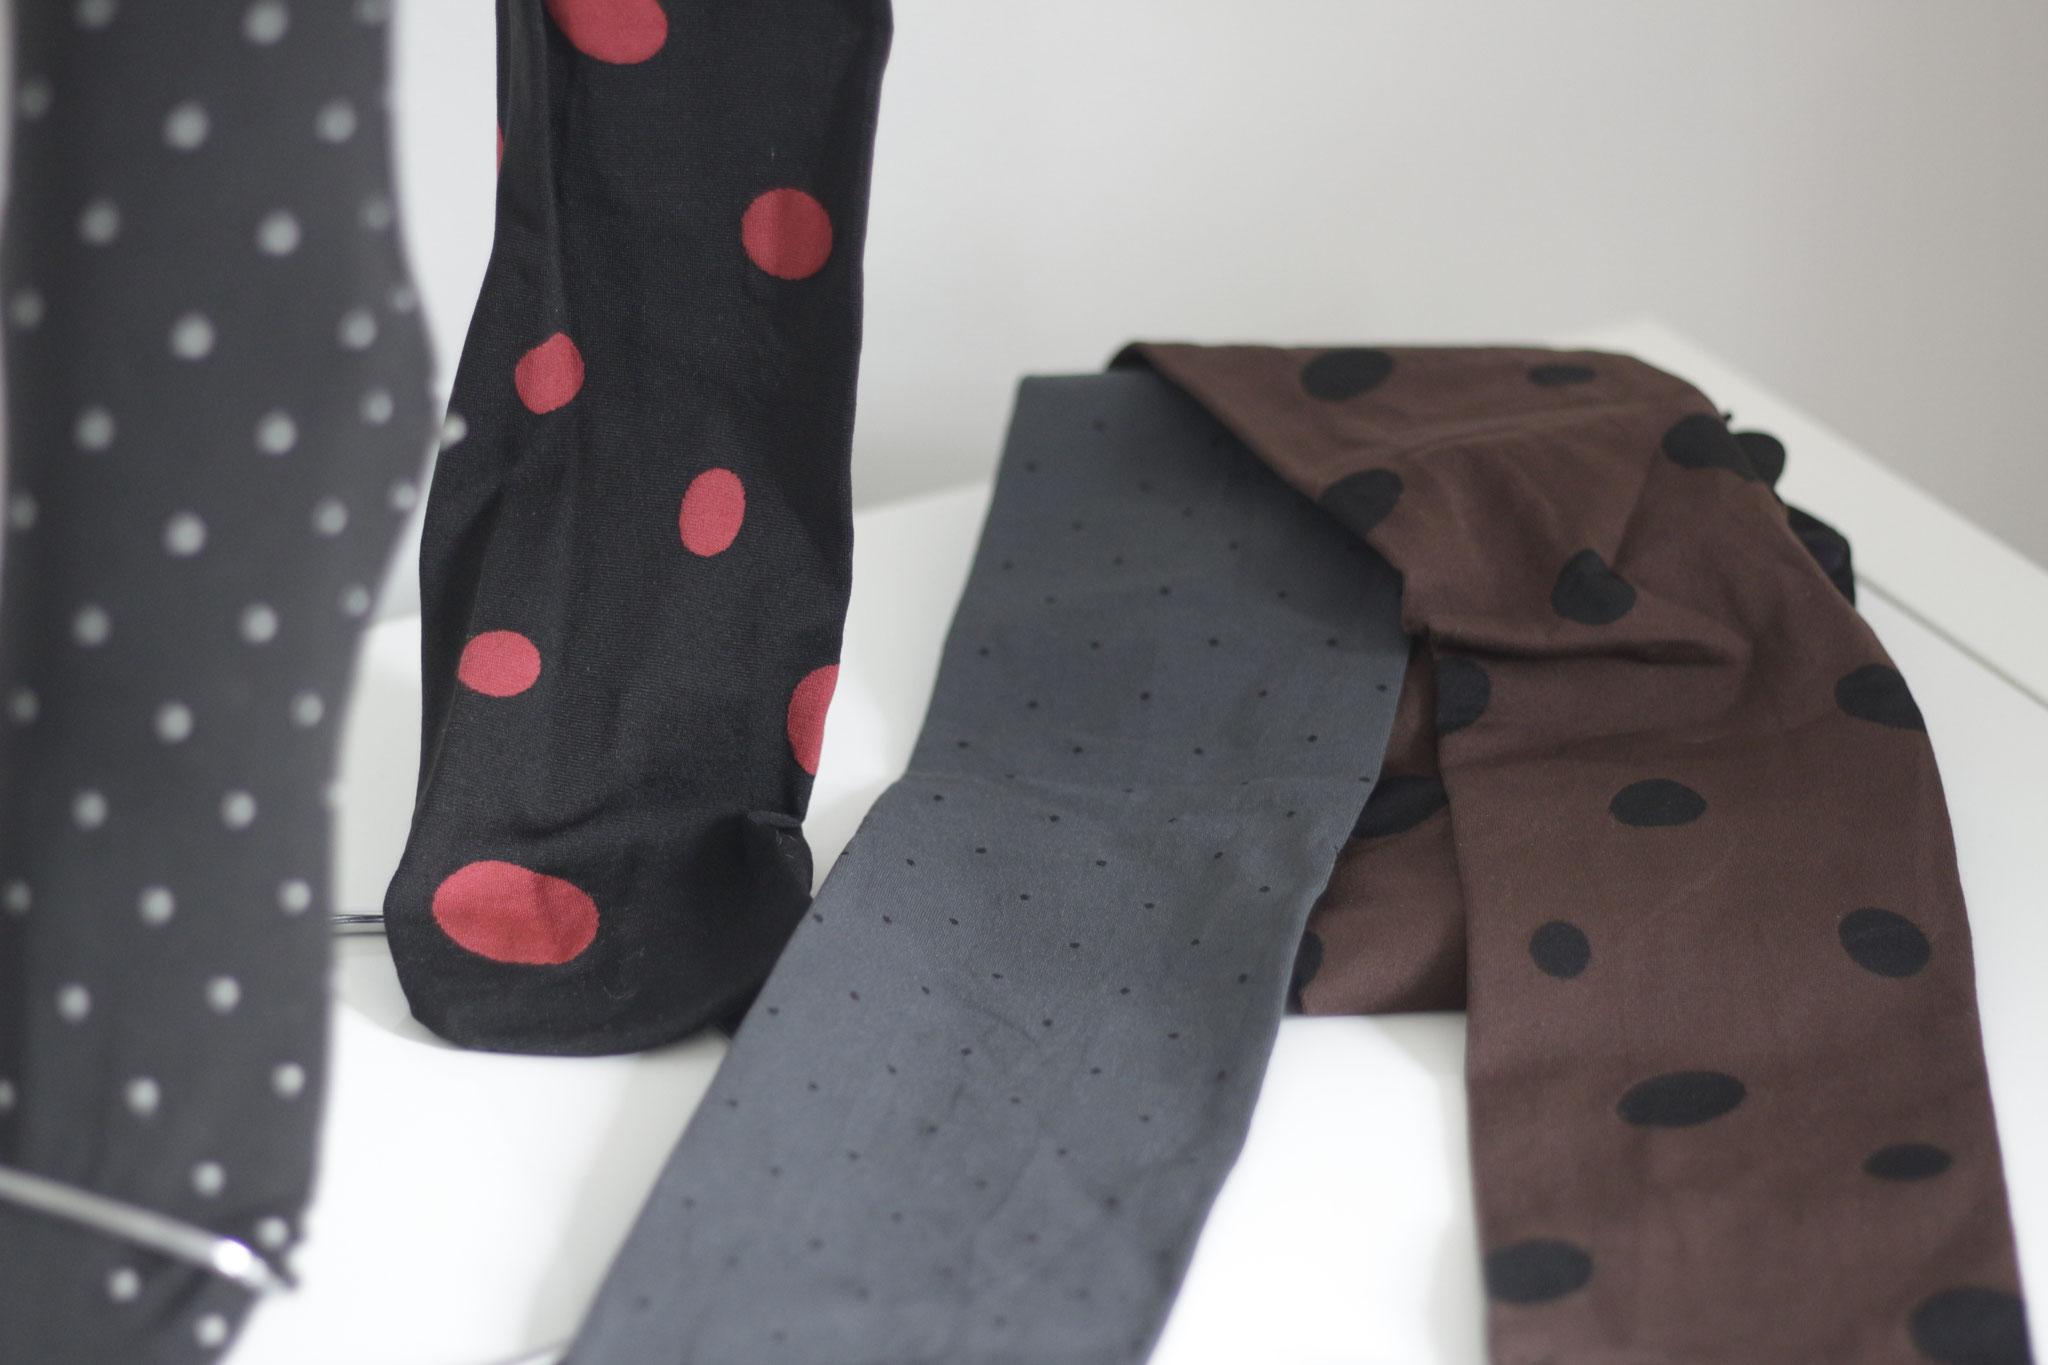 Strumpfhosen 60 DEN grau/braun/schwarz (CHF 64.-) Sie kann sehr gut zur Legging abgeschnitten werden!